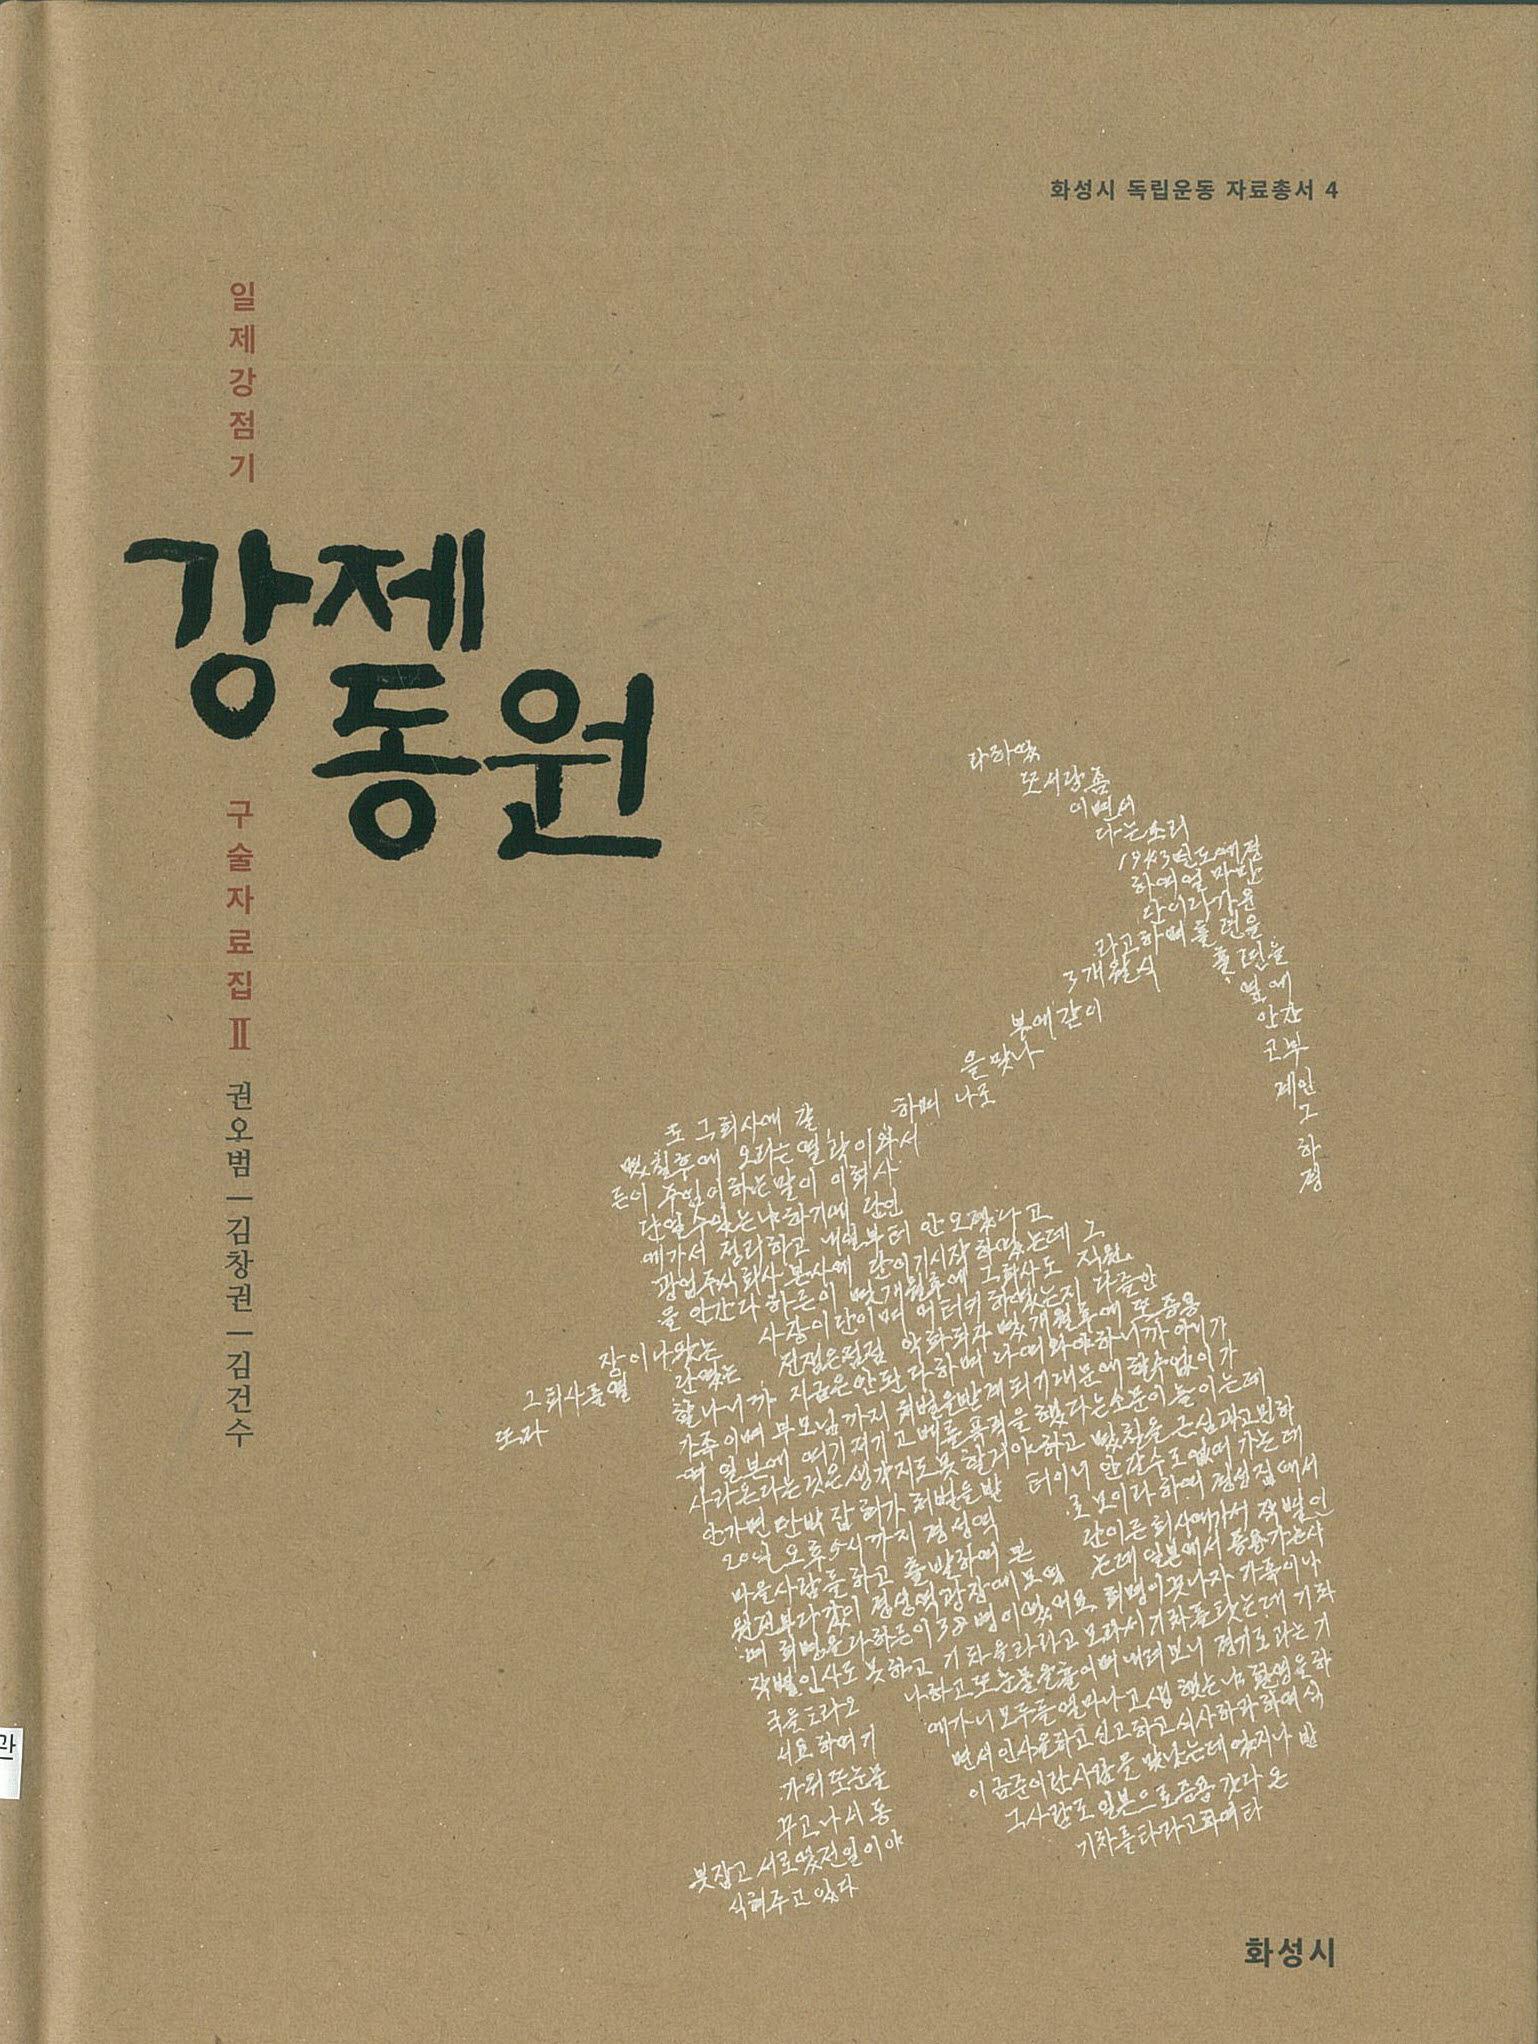 04. 일제강점기 강제동원 구술자료집2-권오범, 김창권, 김건수